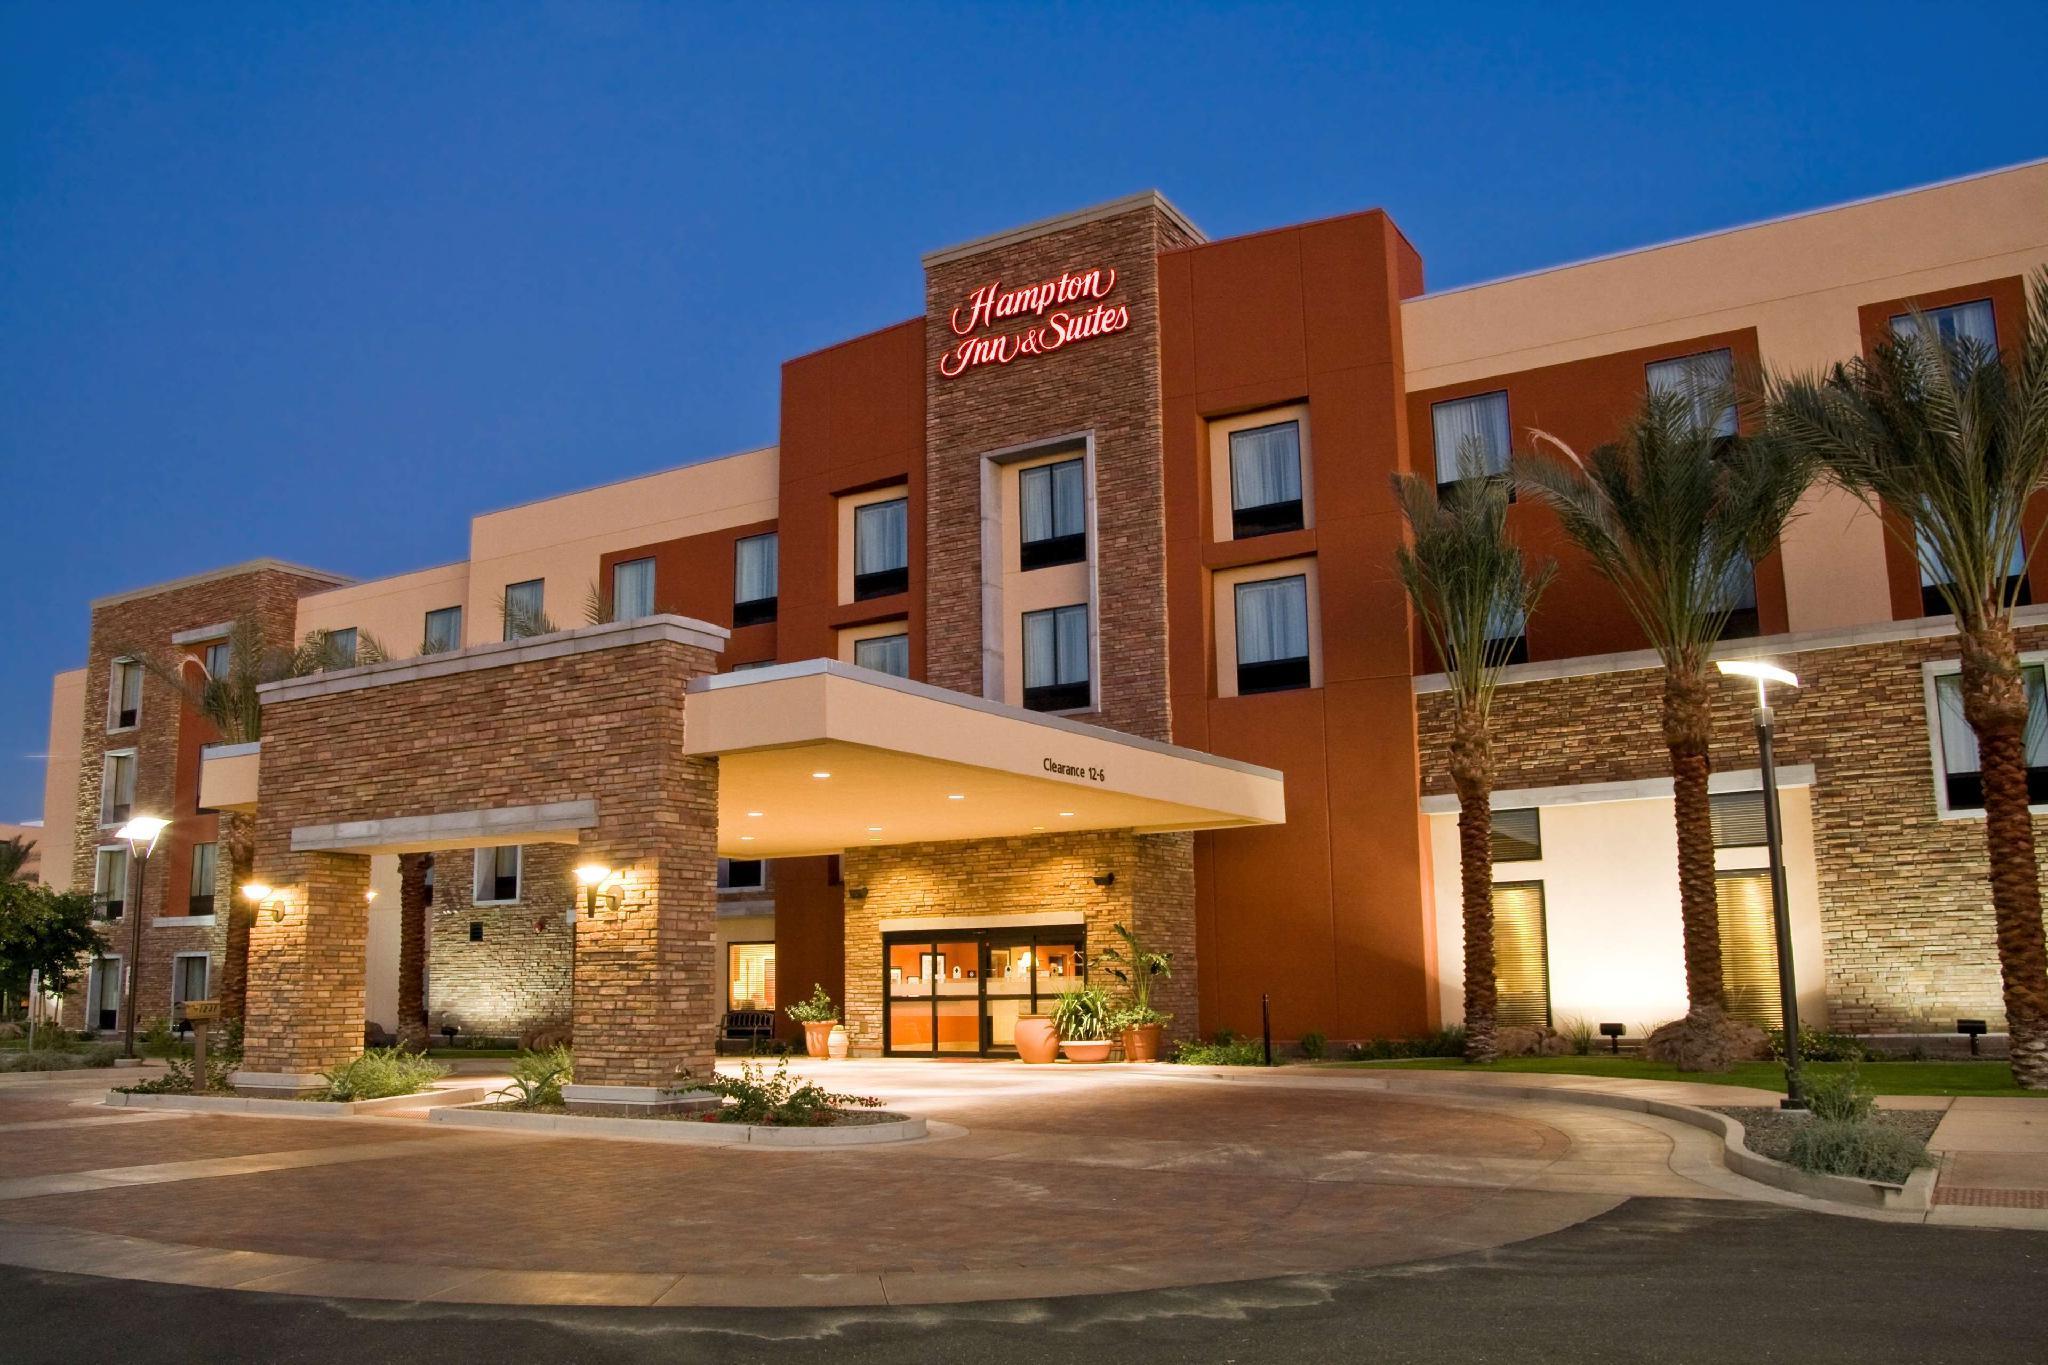 Hampton Inn And Suites Phoenix Chandler Spectrum